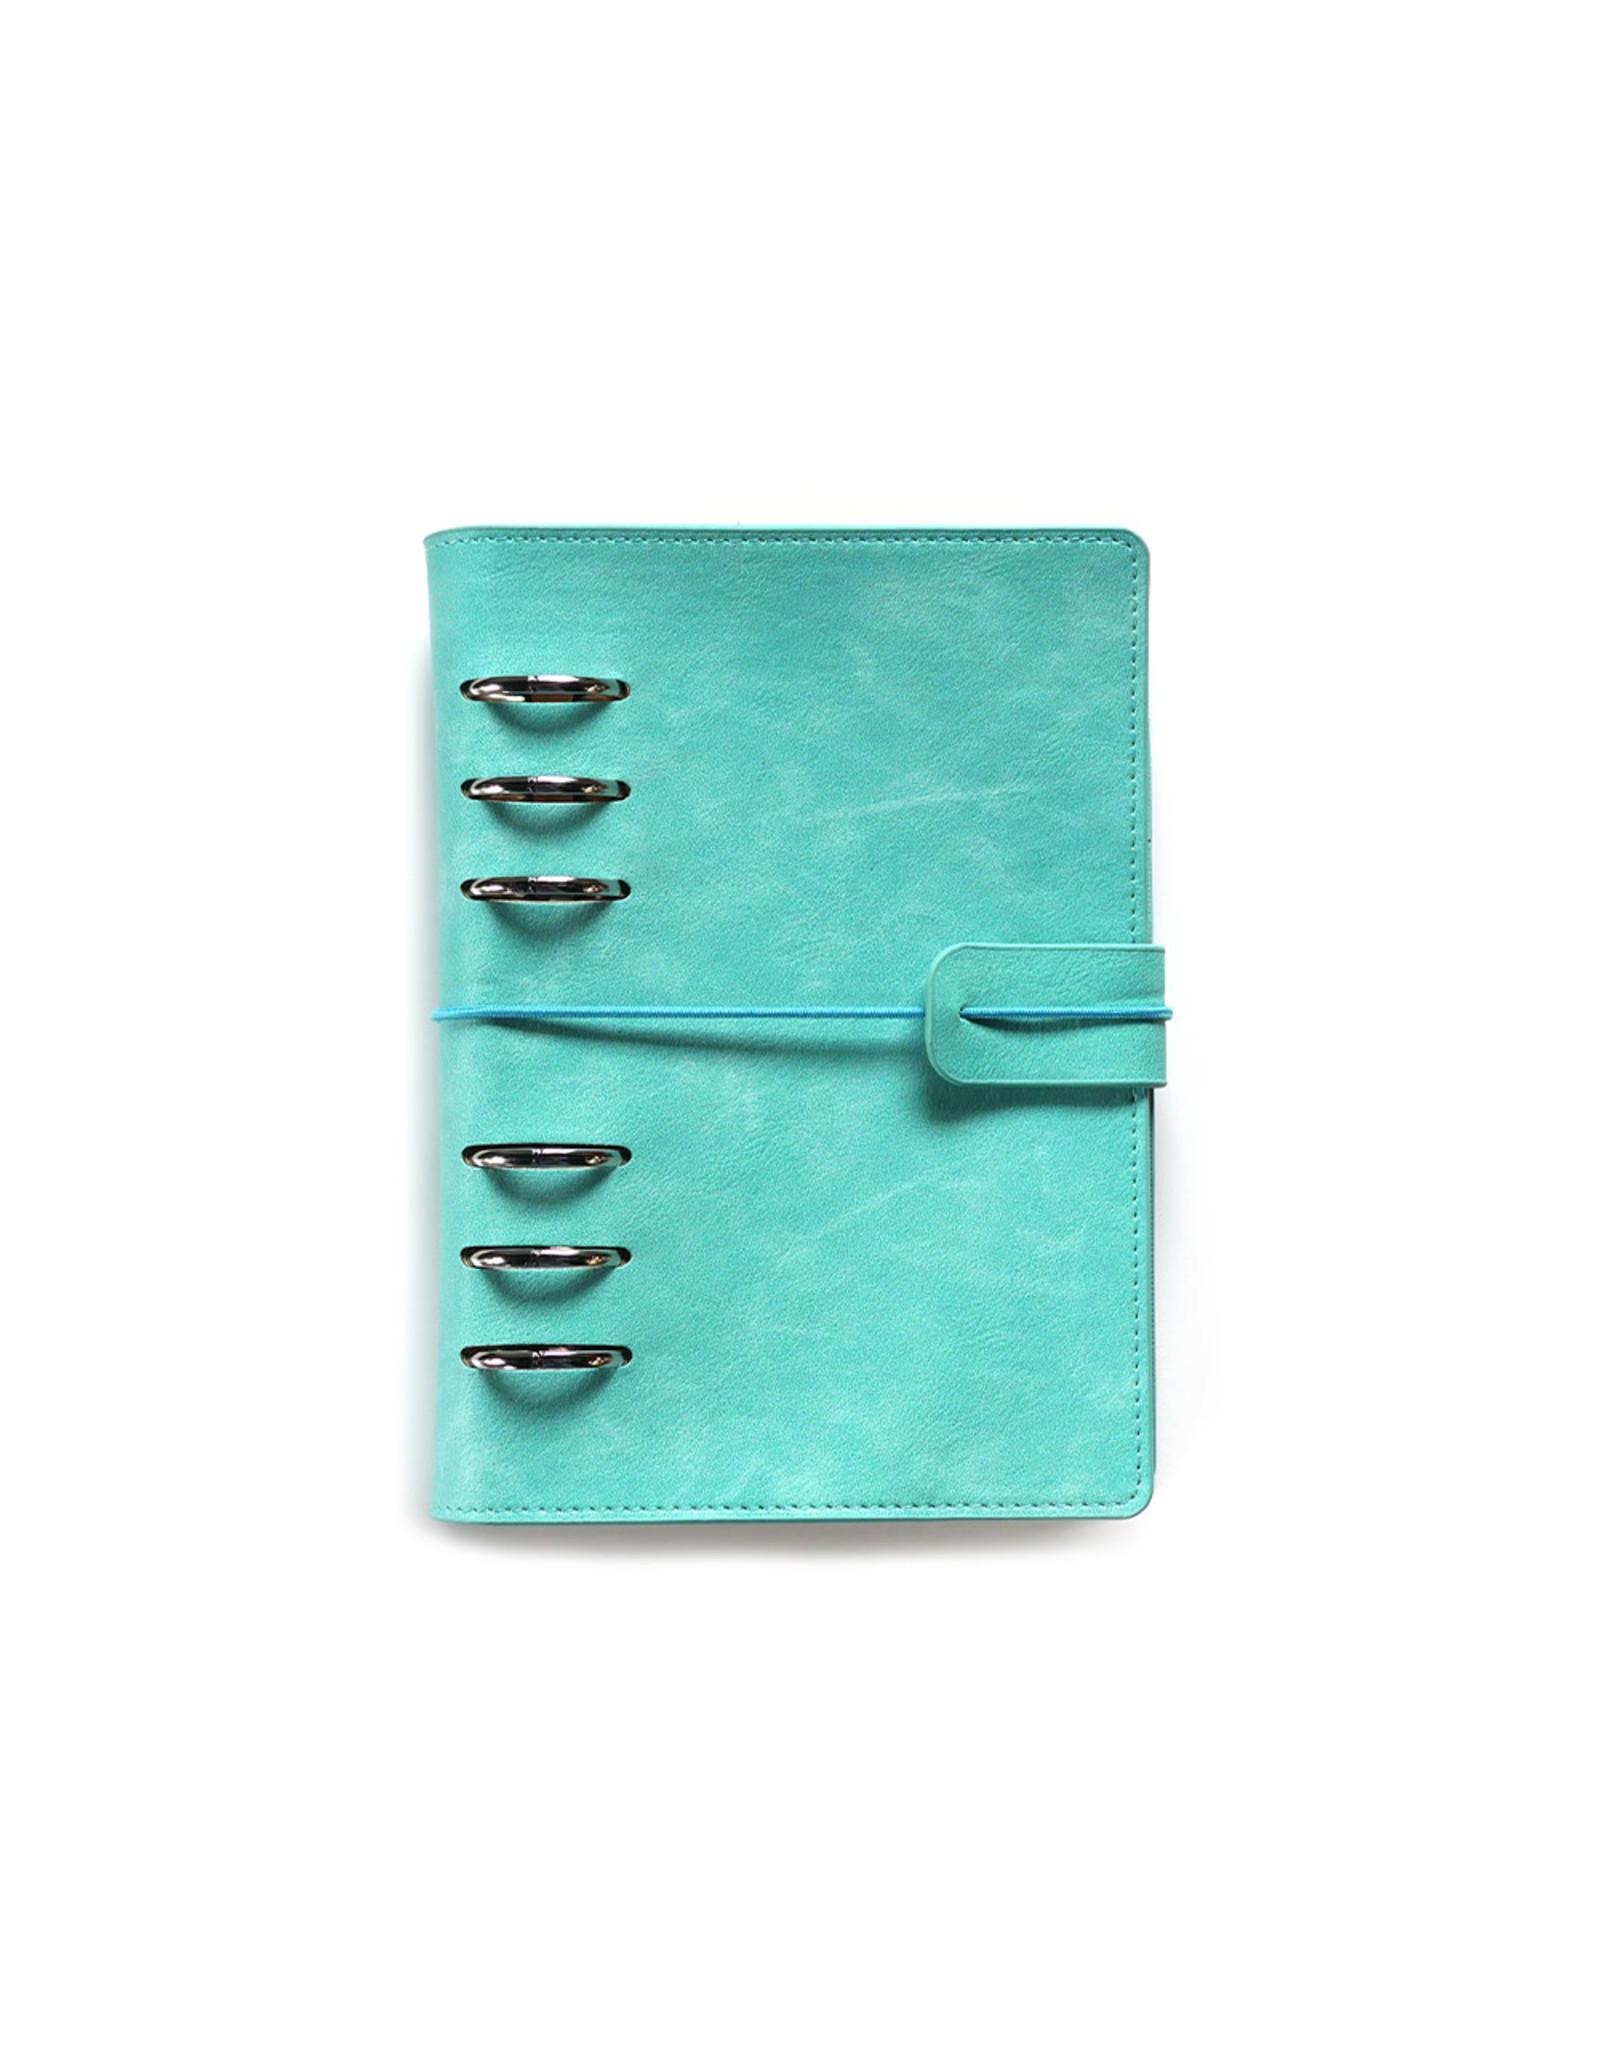 Elizabeth Craft Designs Elizabeth Craft Designs Sidekick - Beach P011